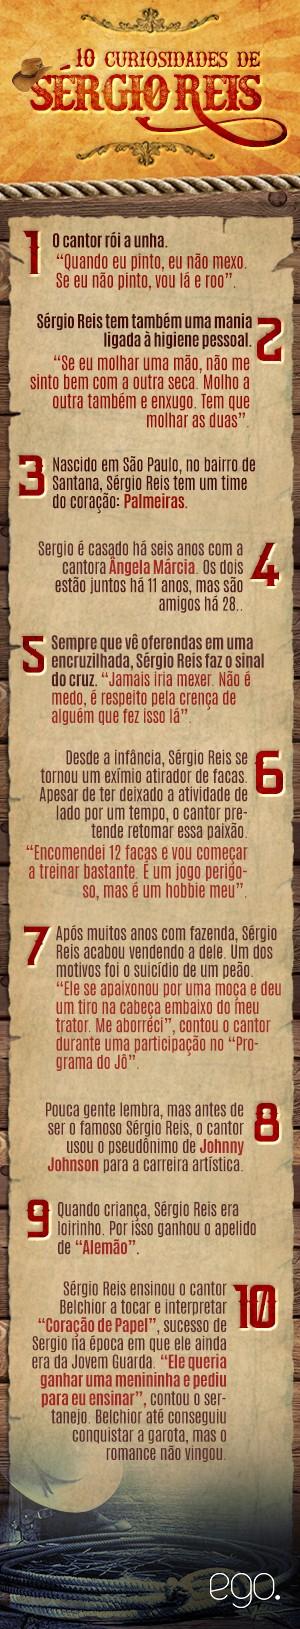 10 curiosidades sobre Sérgio Reis (Foto: Ego)